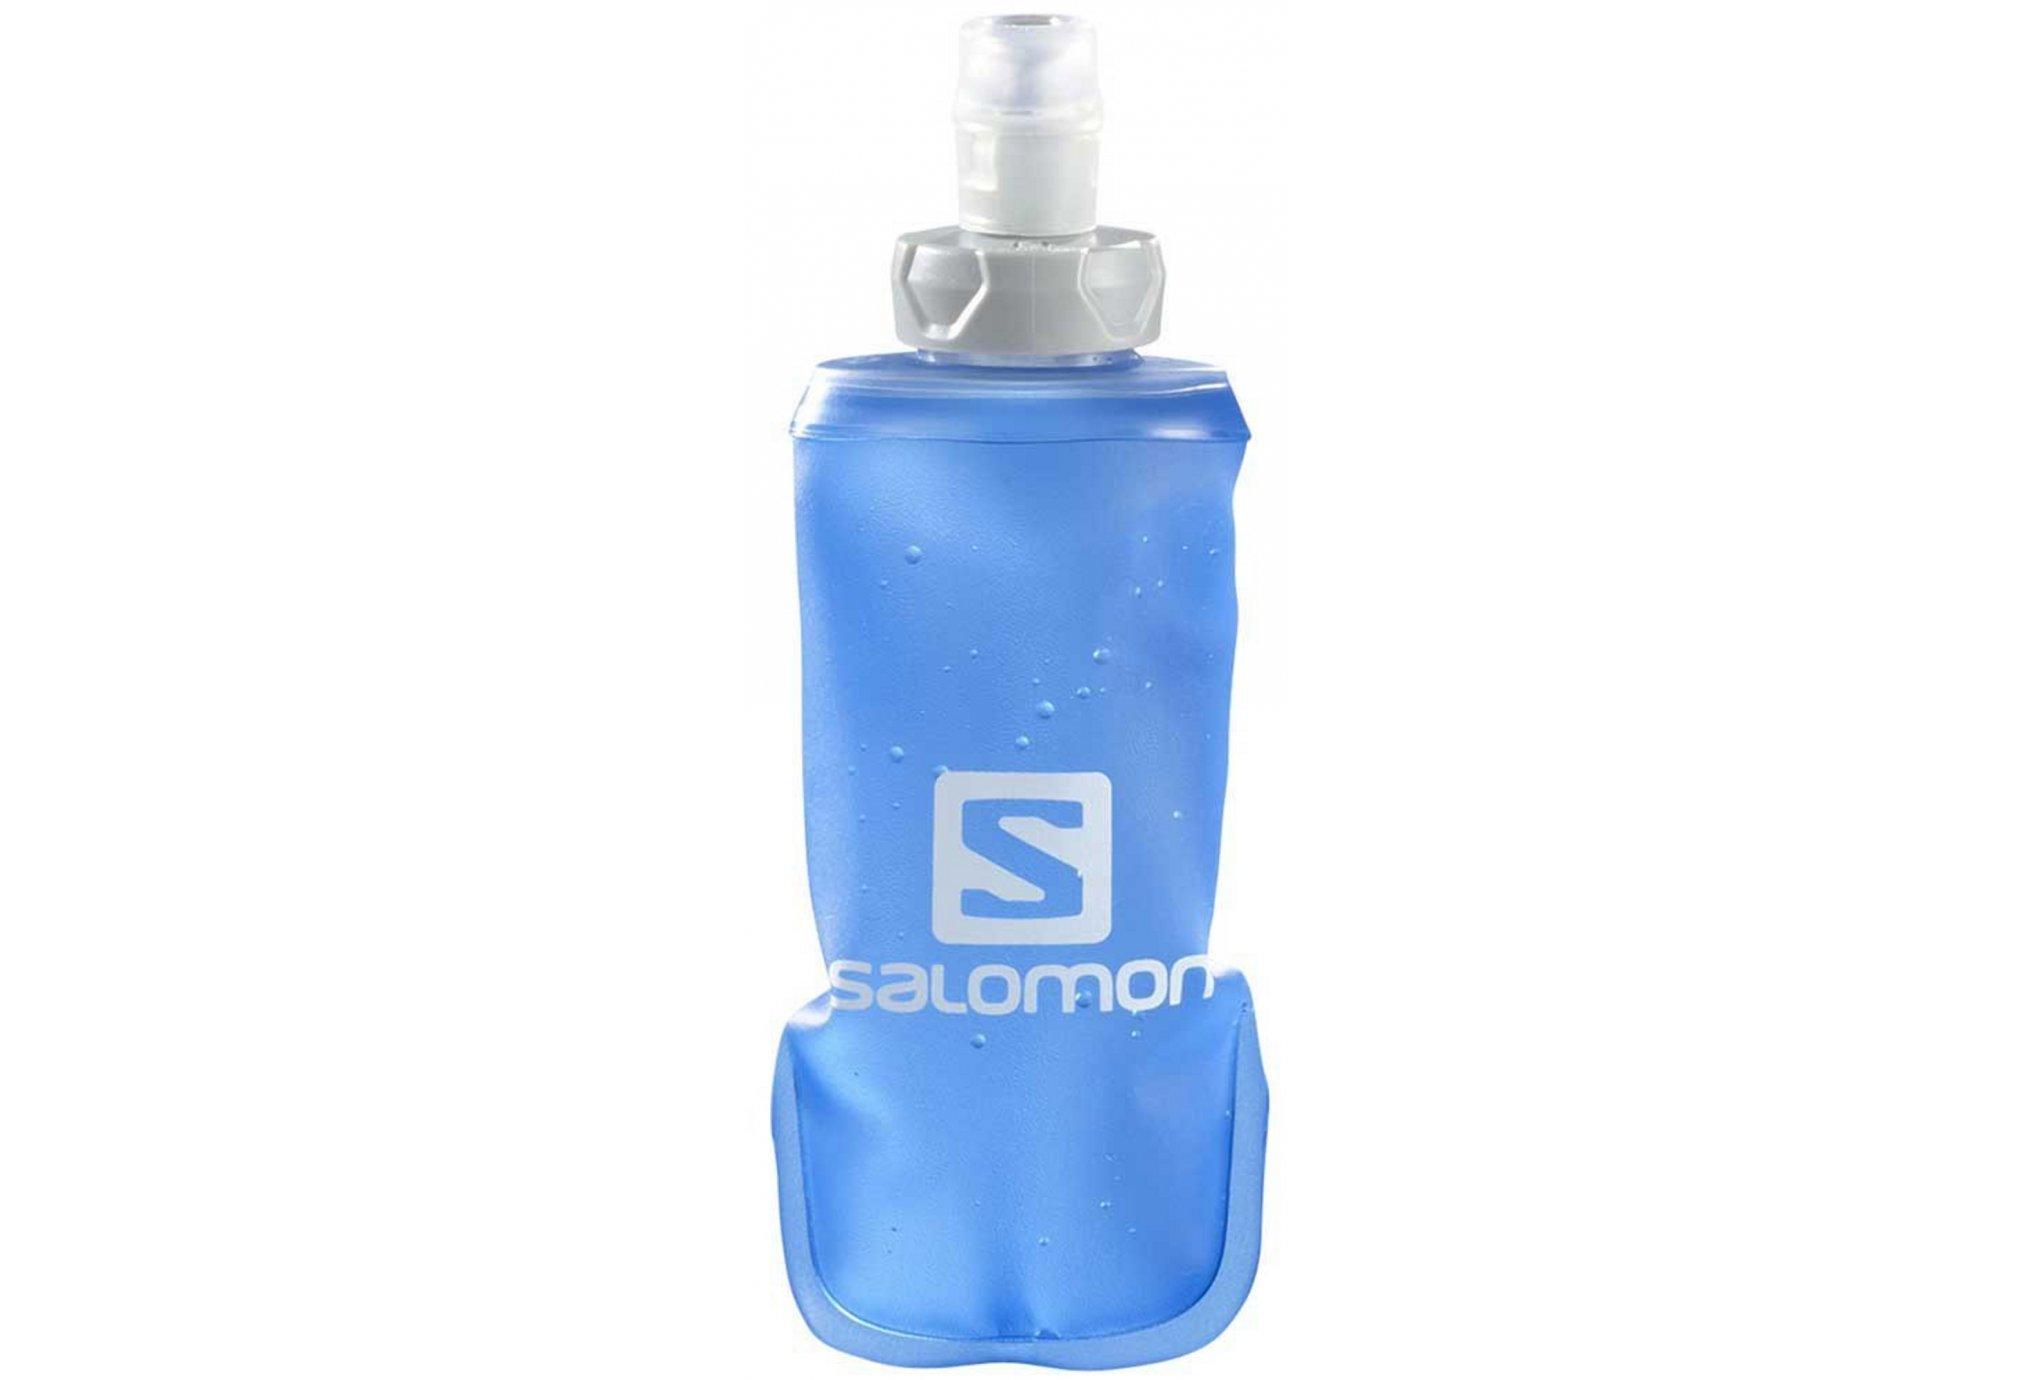 Salomon Soft Flask 150mL Sac hydratation / Gourde